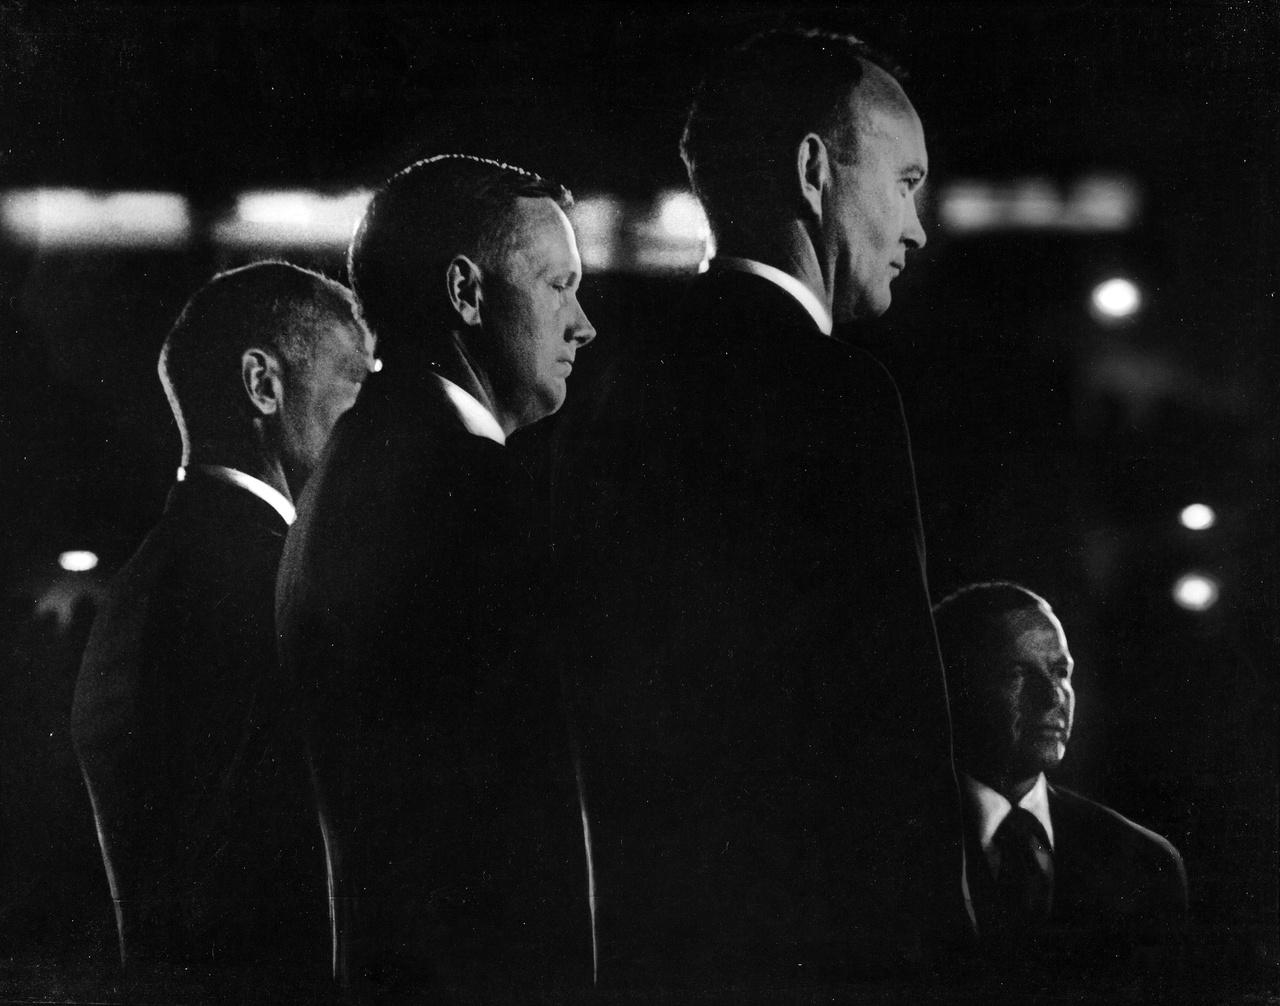 1969. augusztus 16-án hatalmas ünnepséget rendeztek a houstoni Astrodome-ban, a sikeres holdraszállás után hazatérő Apollo-11 legénység tiszteletére. A fotón a színpadon álló három űrhajós (balról jobbra: Buzz Aldrin, Neil Armstrong és Michael Collins) valamint a jobb alsó sarokban az egyik sztárfellépő, Frank Sinatra énekes látható.